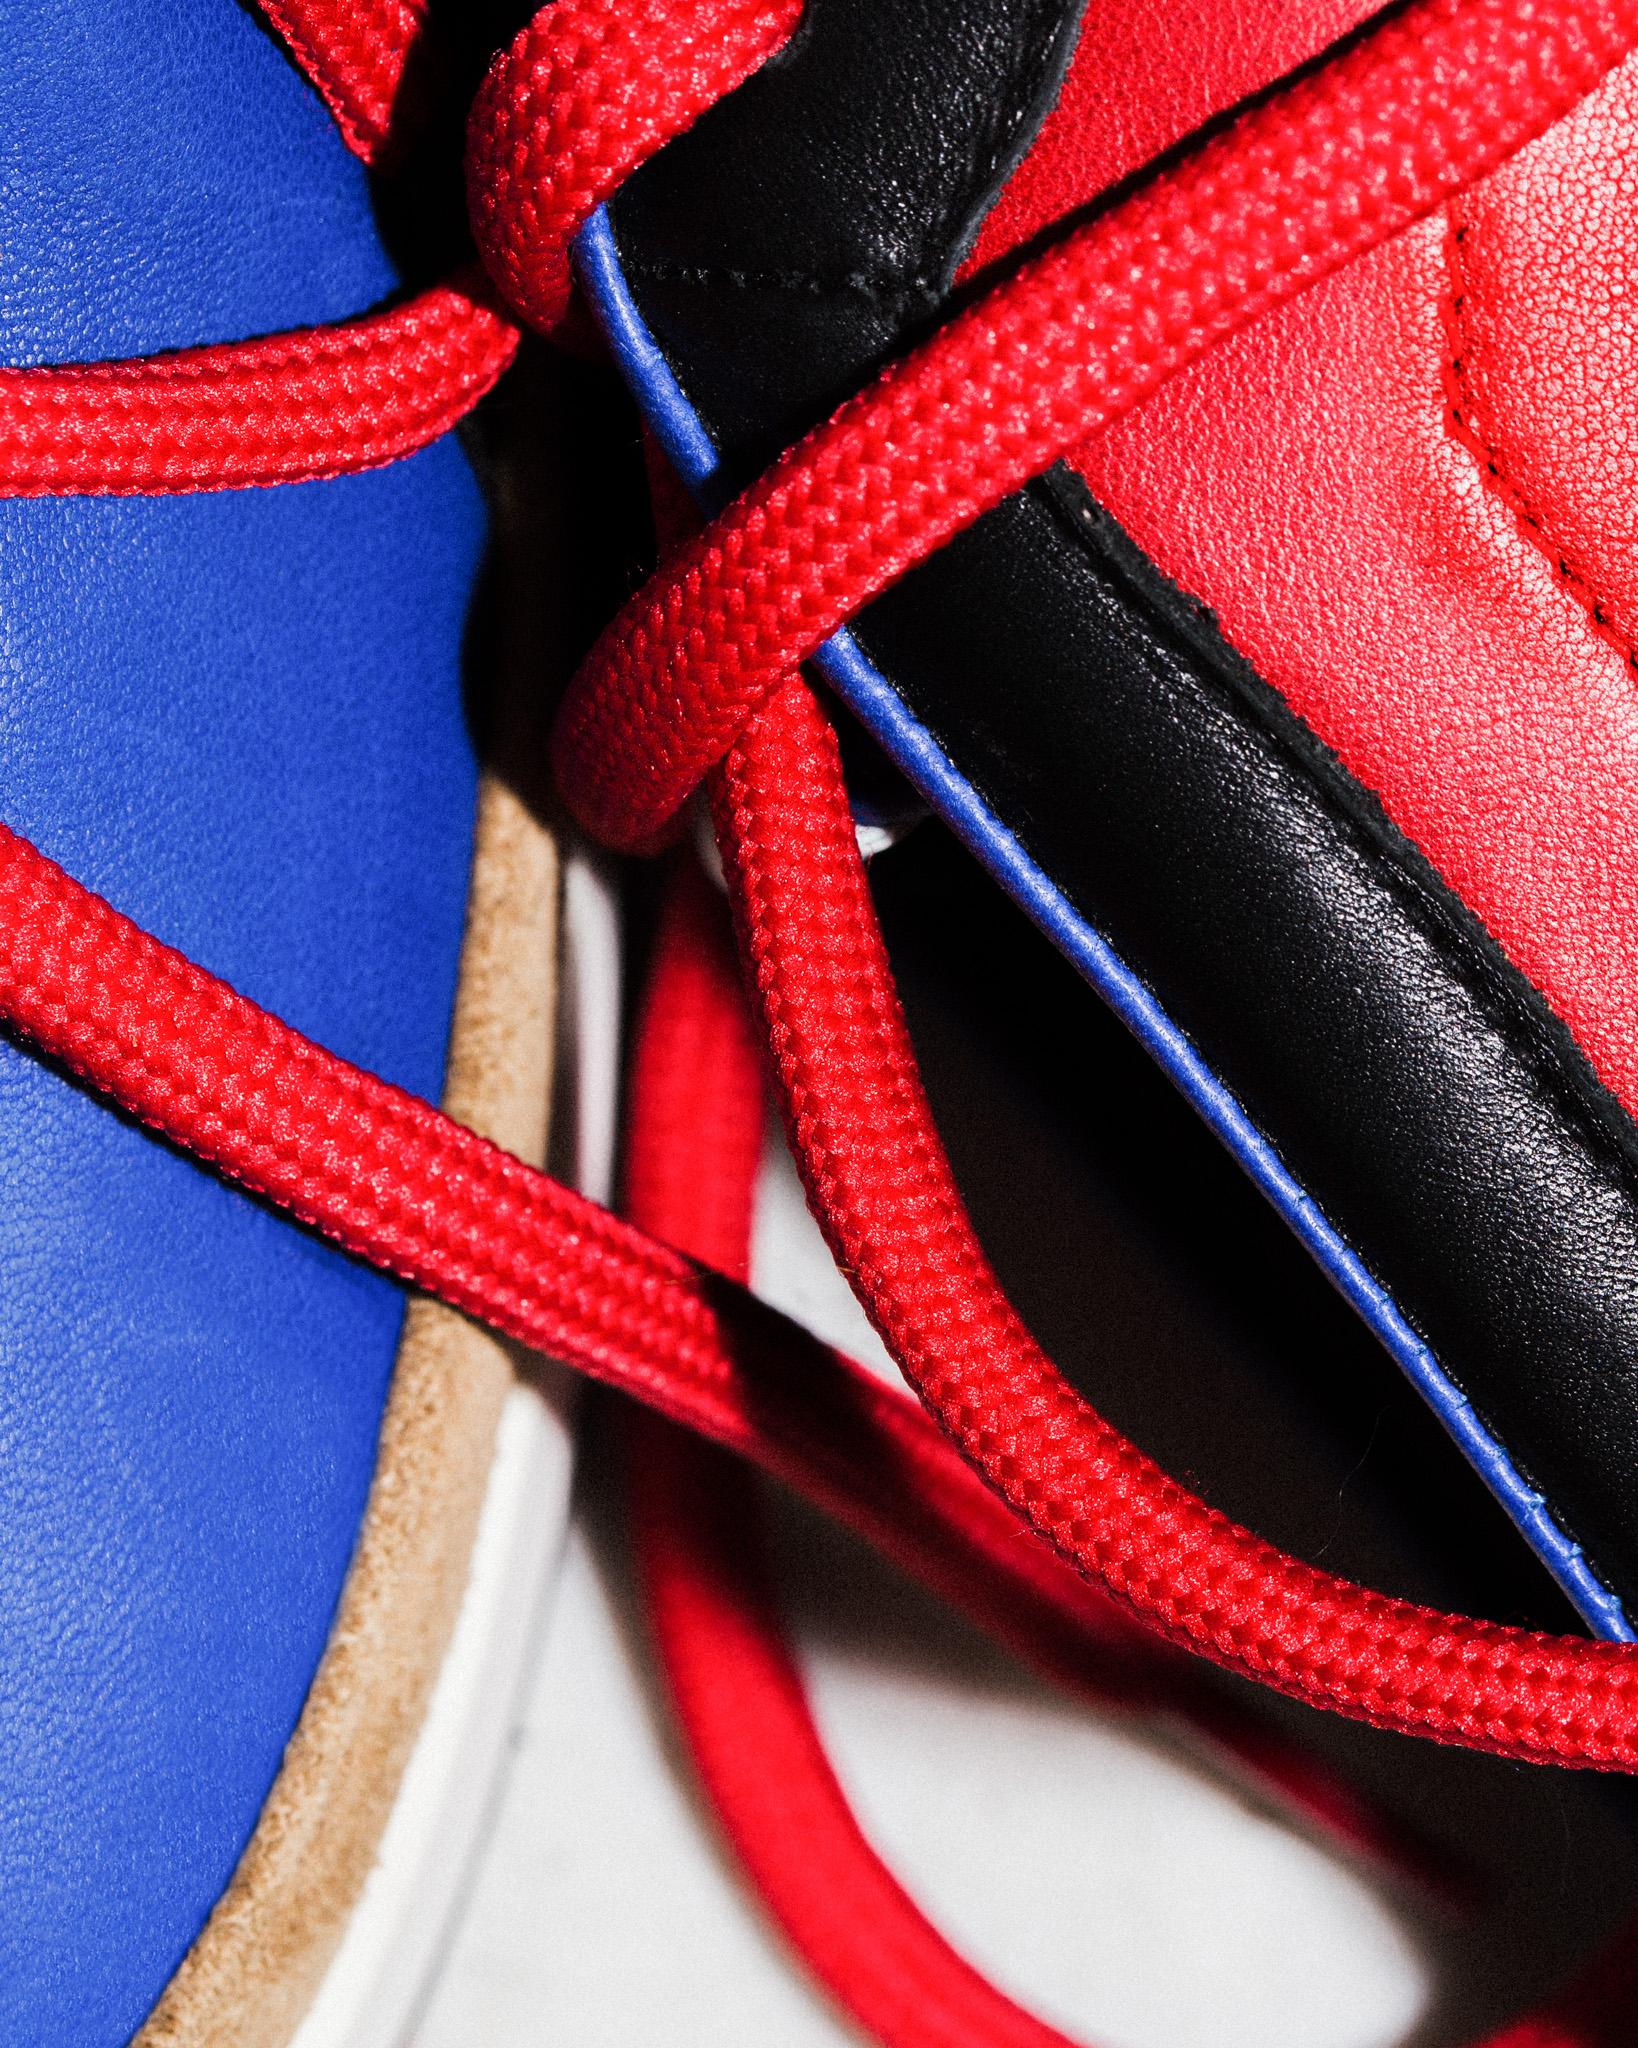 Volta-Footwear-Lightweight-Nappa-Ralph-Facebook-7.jpg